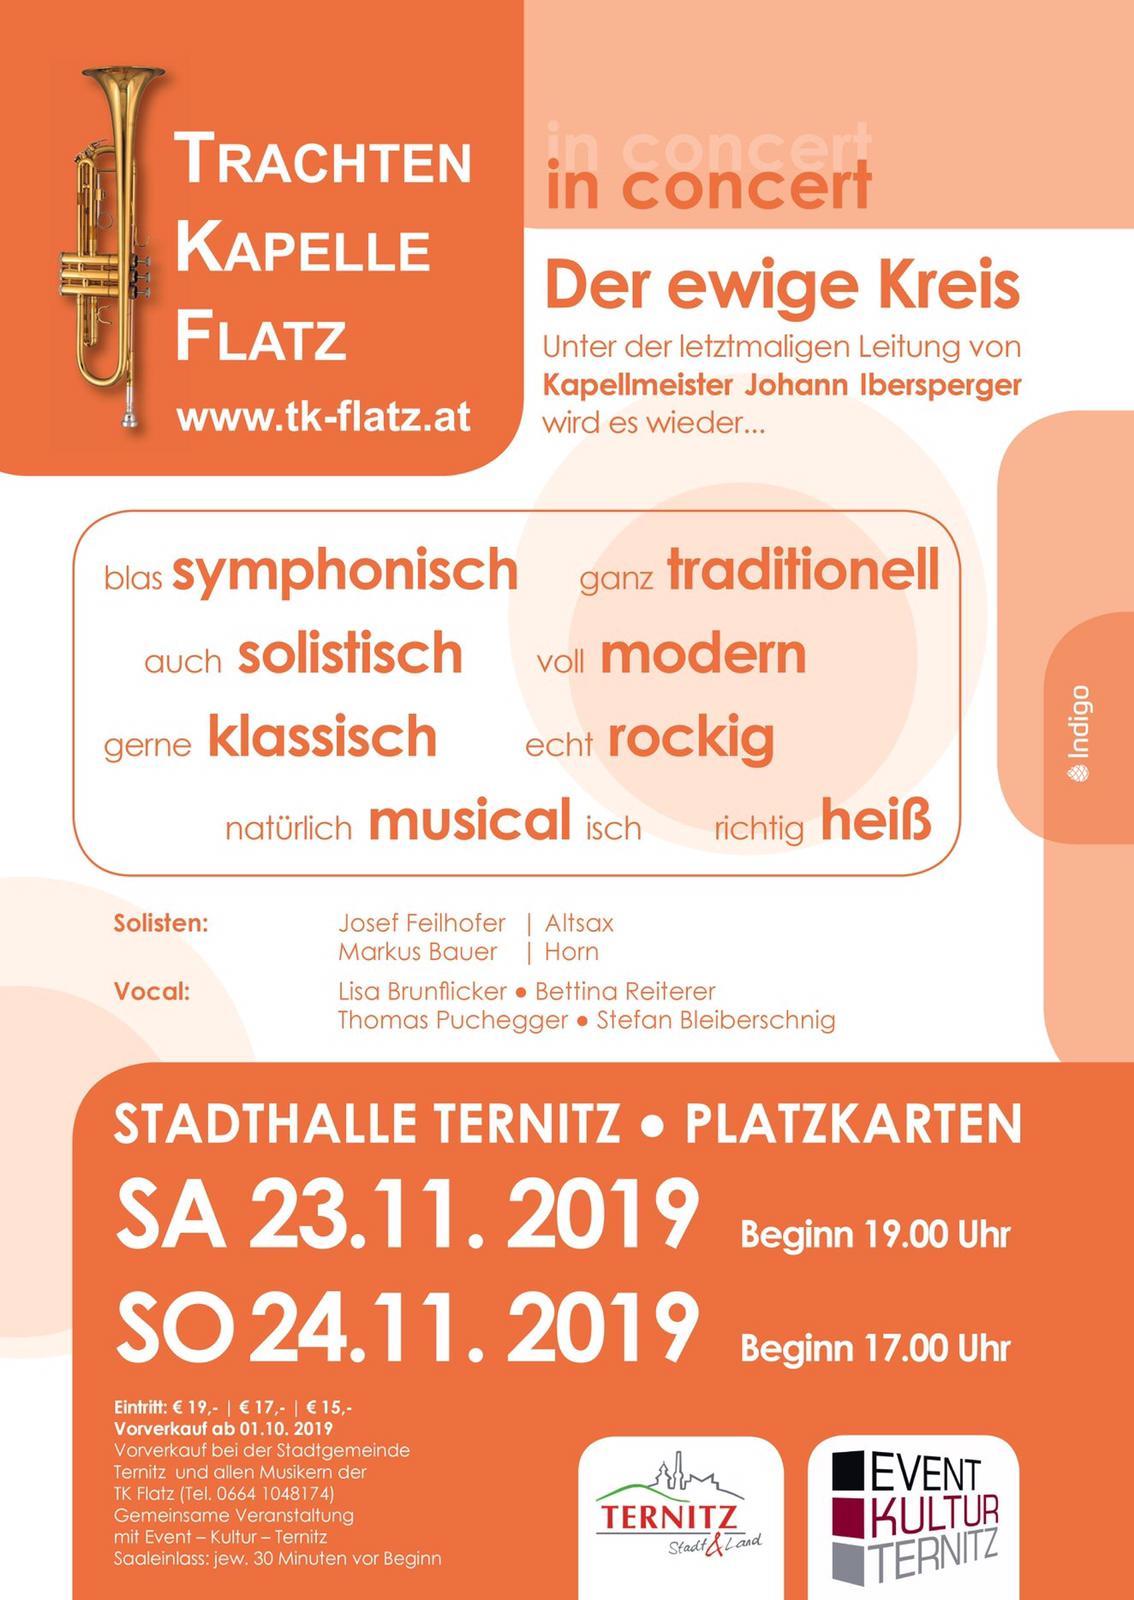 TK Flatz in Concert 2019